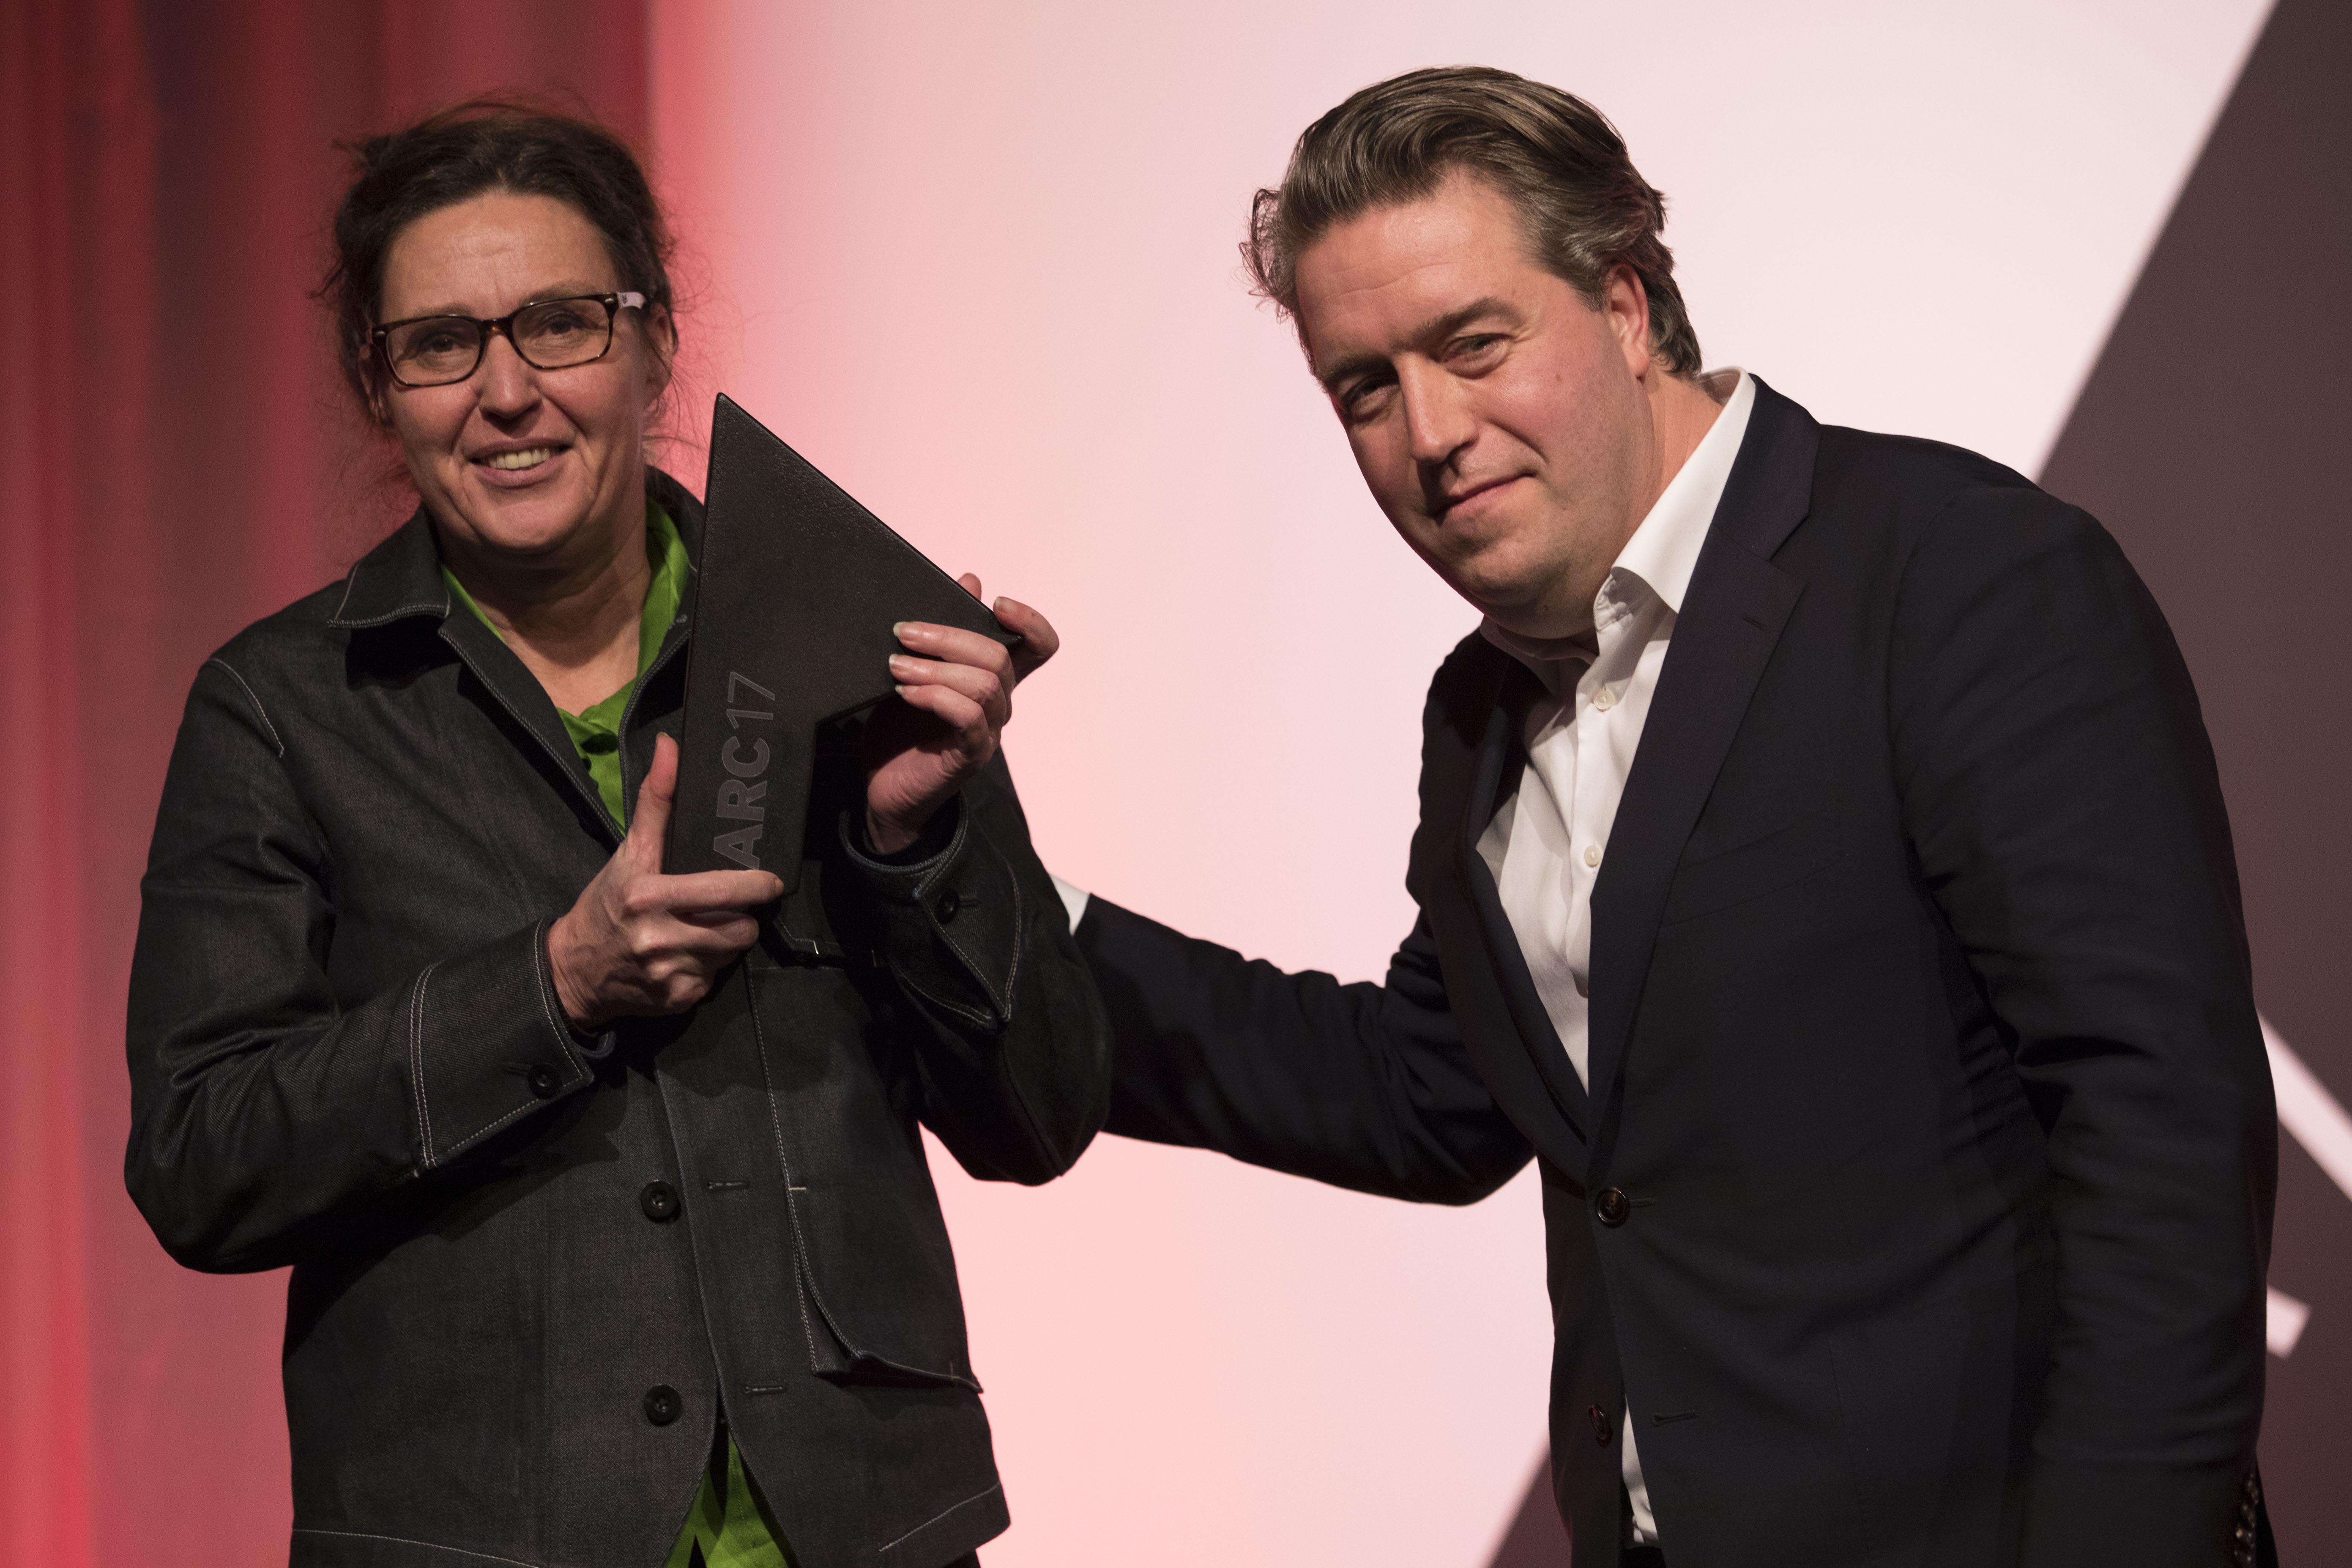 <p>Ellen van Loon OMA ontvangt uit handen van Nanne de Ru (juryvoorzitter ARC17 Architectuur Award) de prijs voor Rijnstraat 8 in Den Haag. Foto Elvins Fotografie</p>